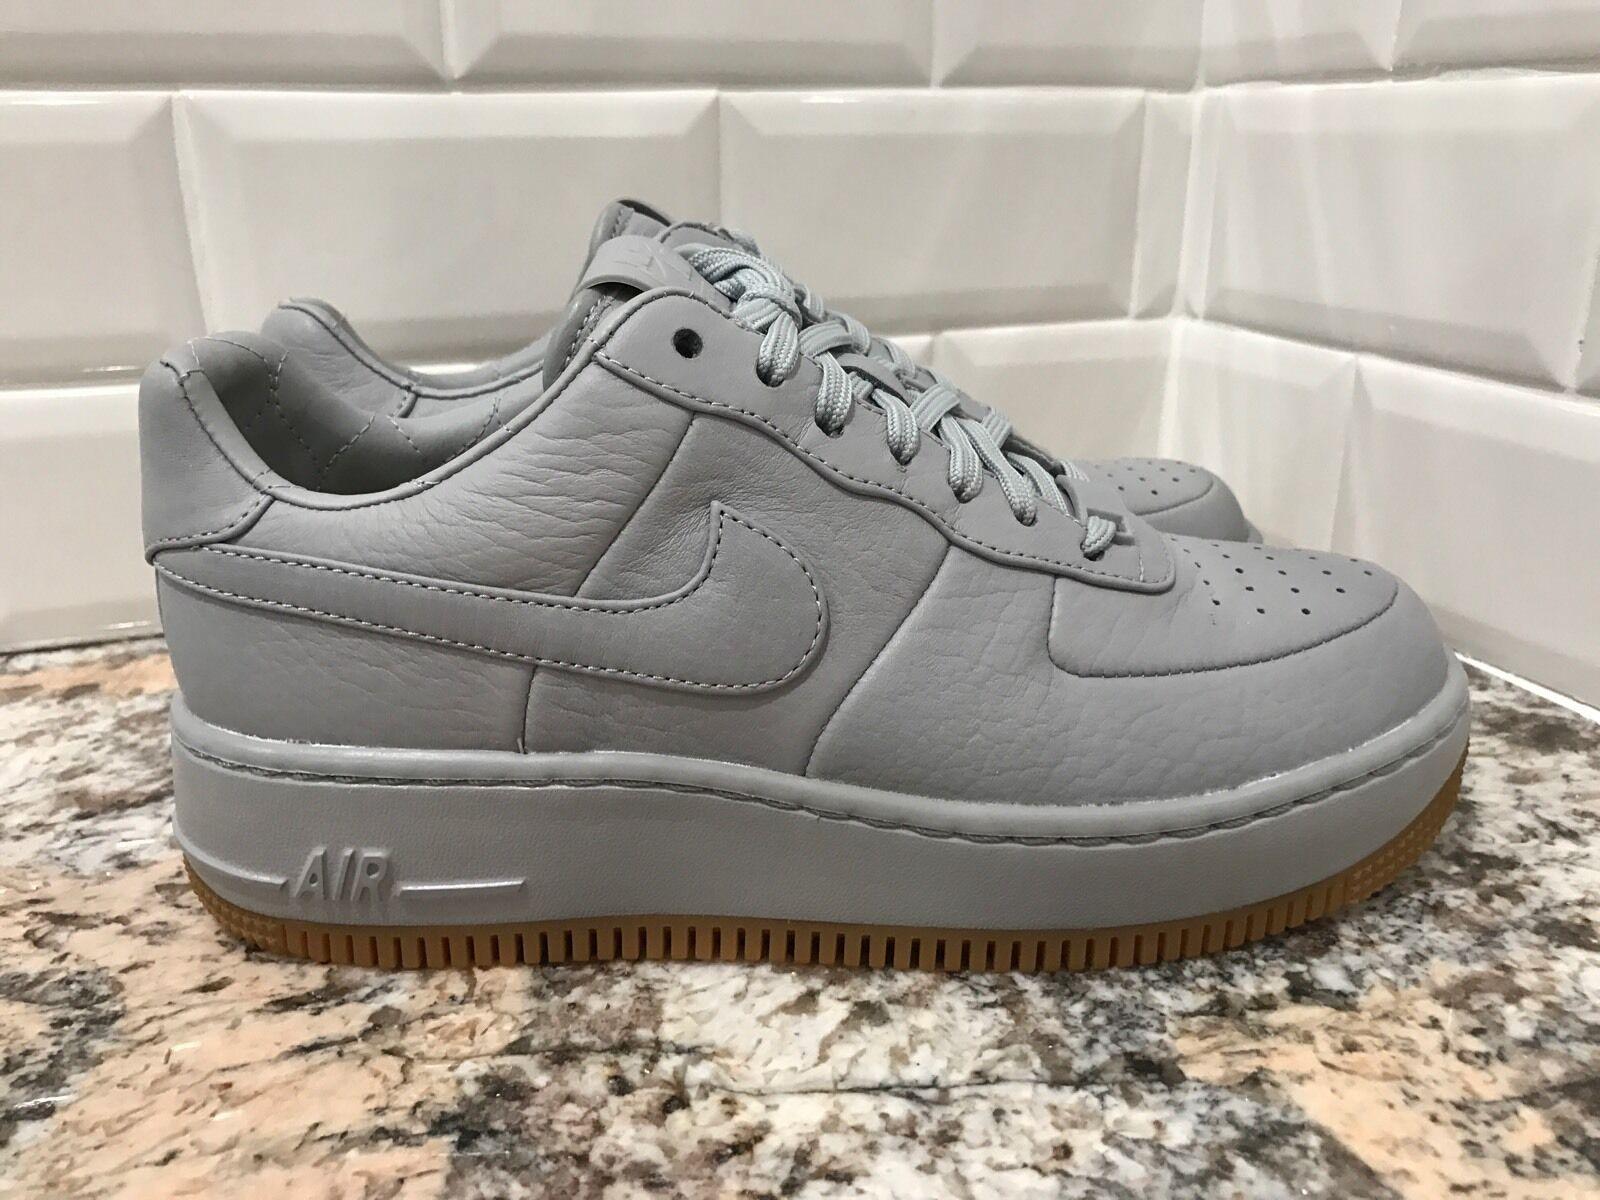 Nike NikeLab Air Force 1 AF1 Low Upstep Pinnacle Silver Grey SZ 7 856477-001